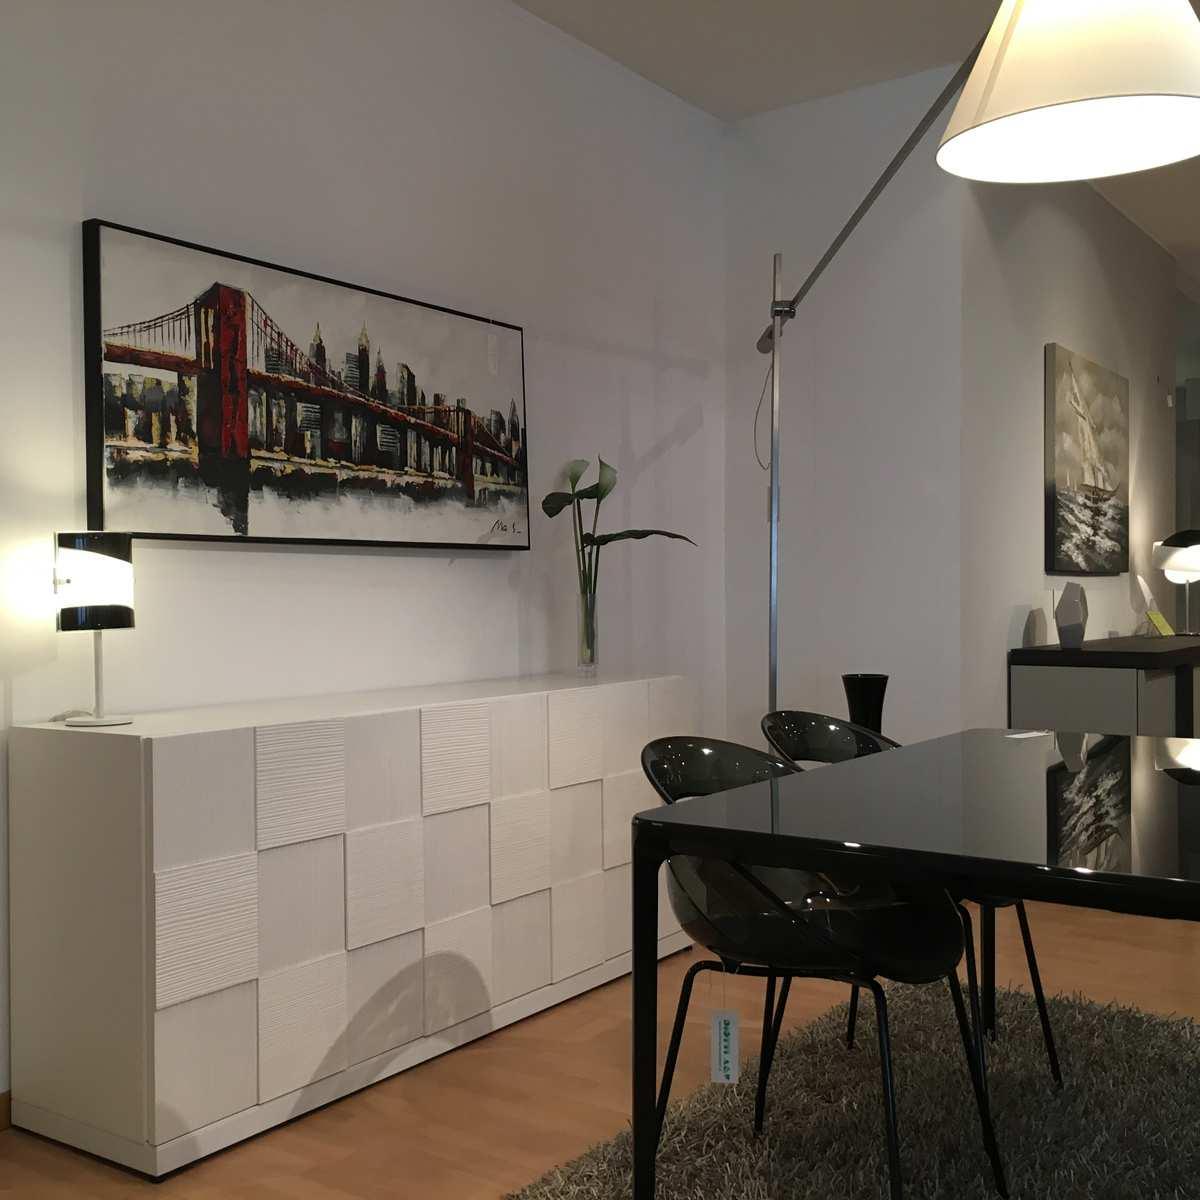 Ampi spazi per i mobili di milanomondo da arredamenti for Binacci arredamenti divani